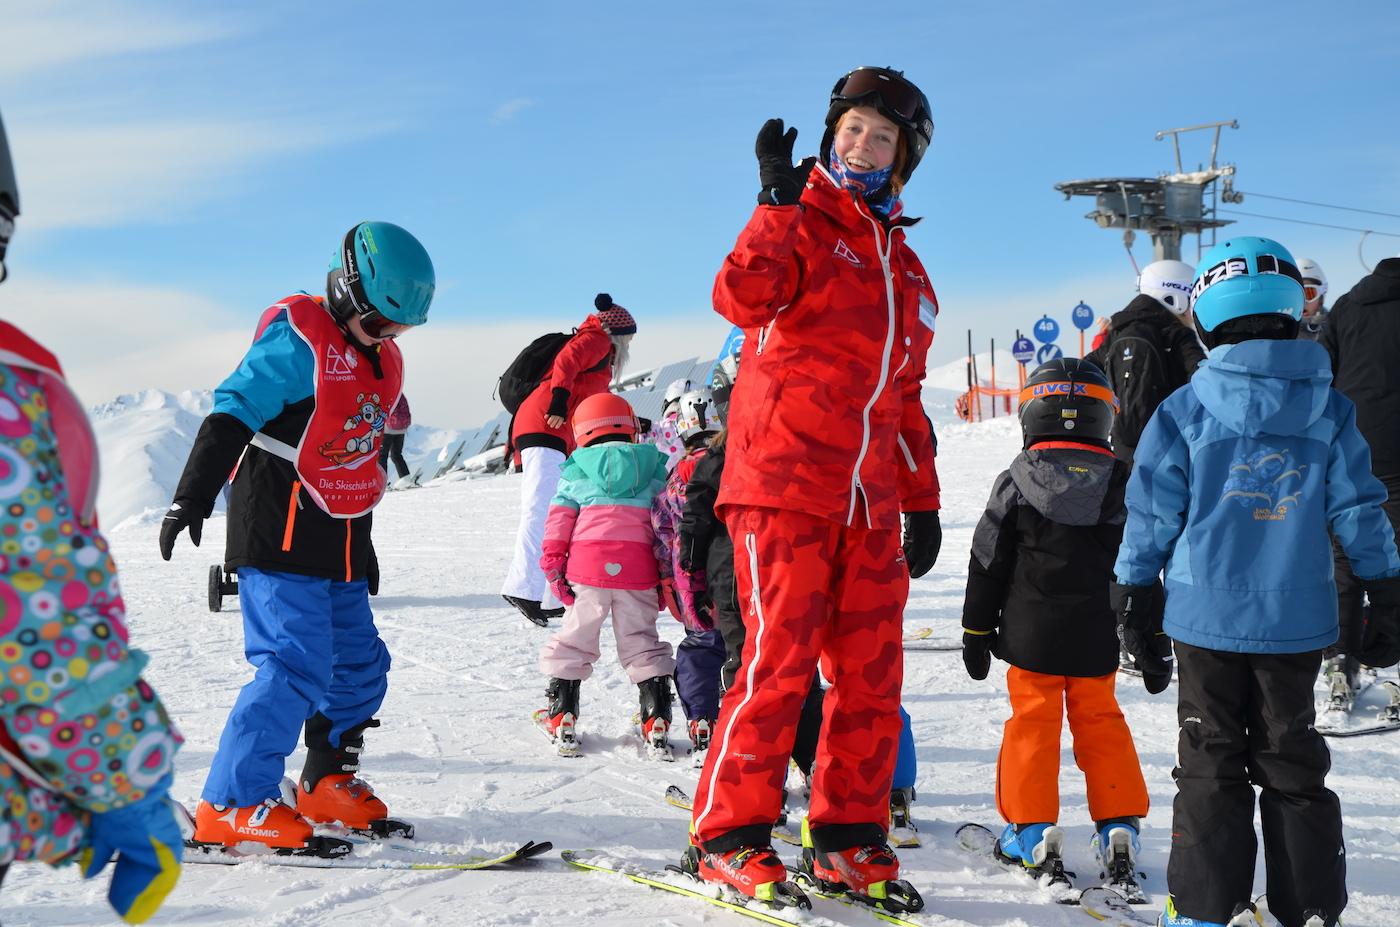 Tekort aan skileraressen in Oostenrijk